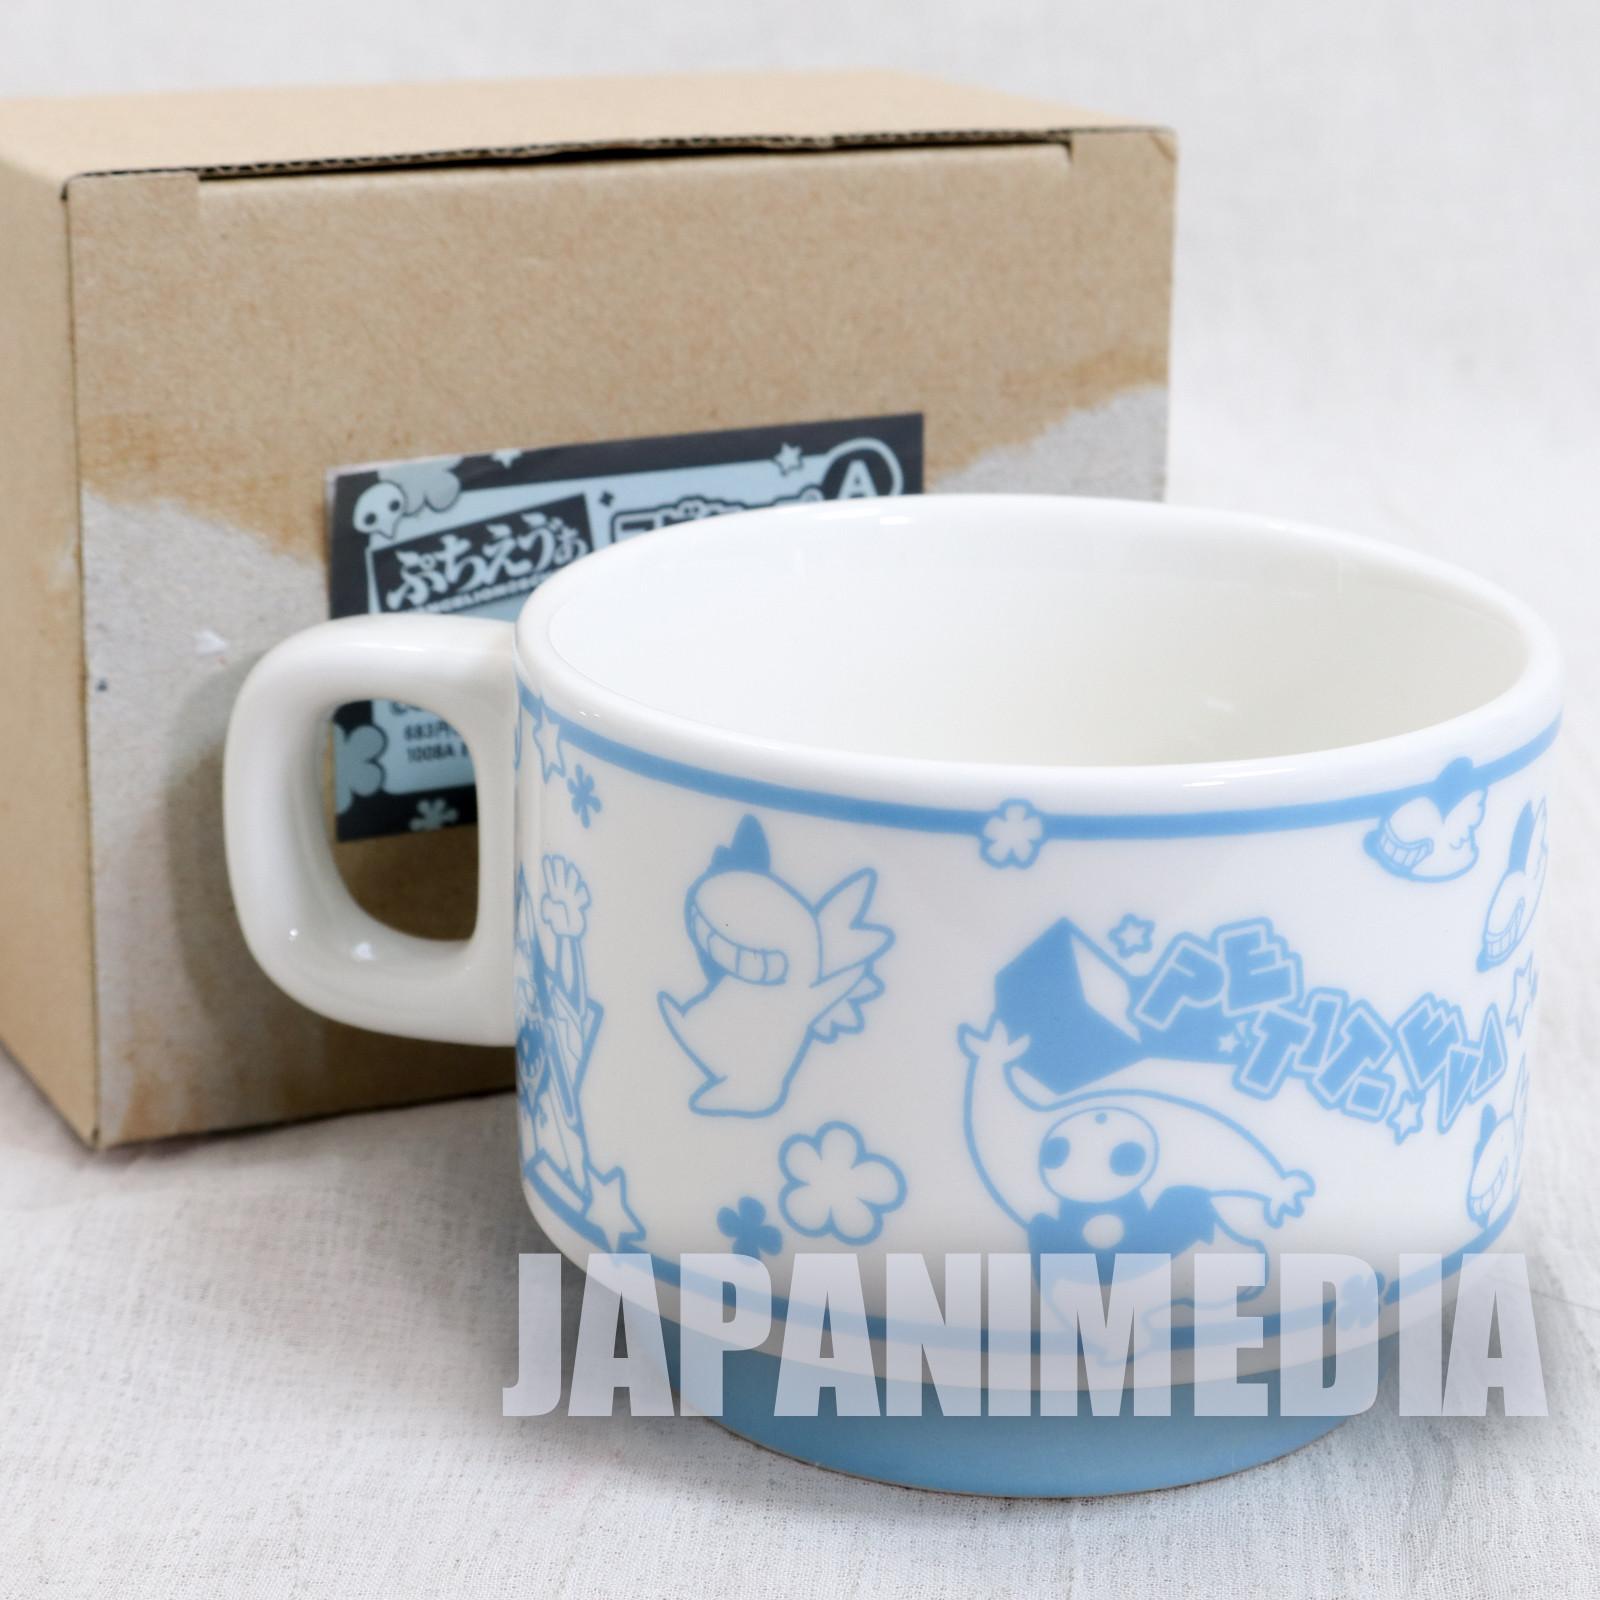 RARE! Evangelion Petit-Eva Mug JAPAN ANIME MANGA